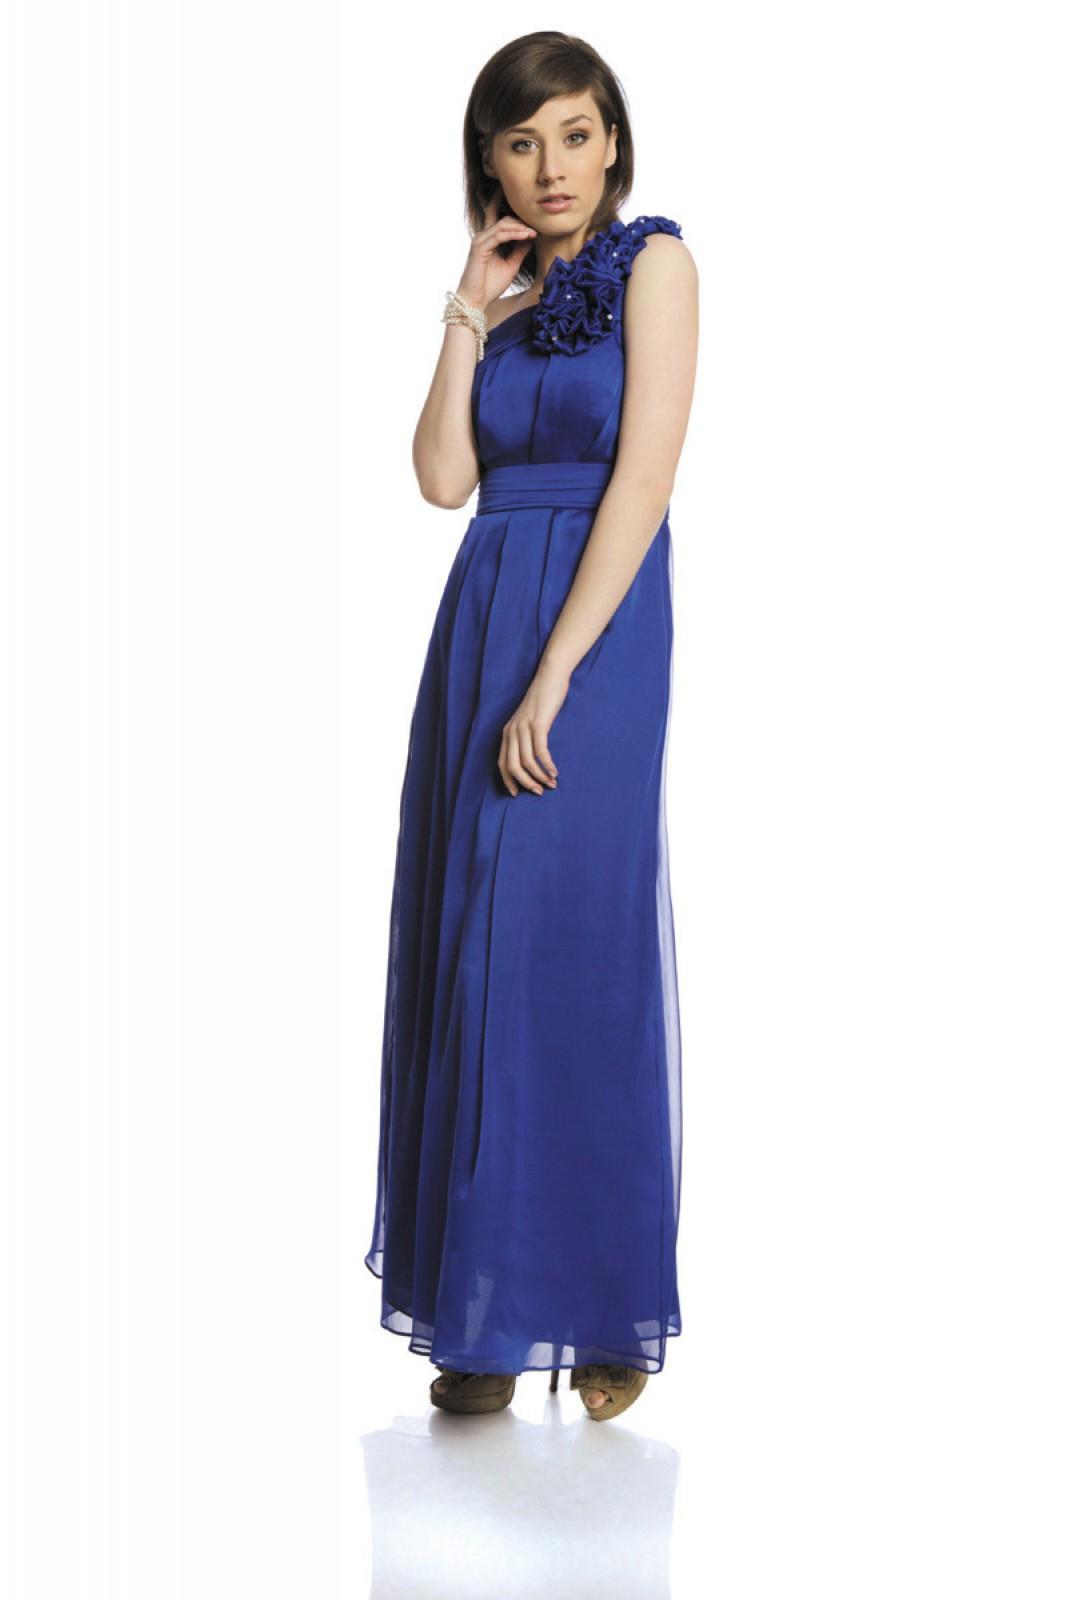 One Shoulder Abendkleid aus Chiffon kornblumenblau mit ...